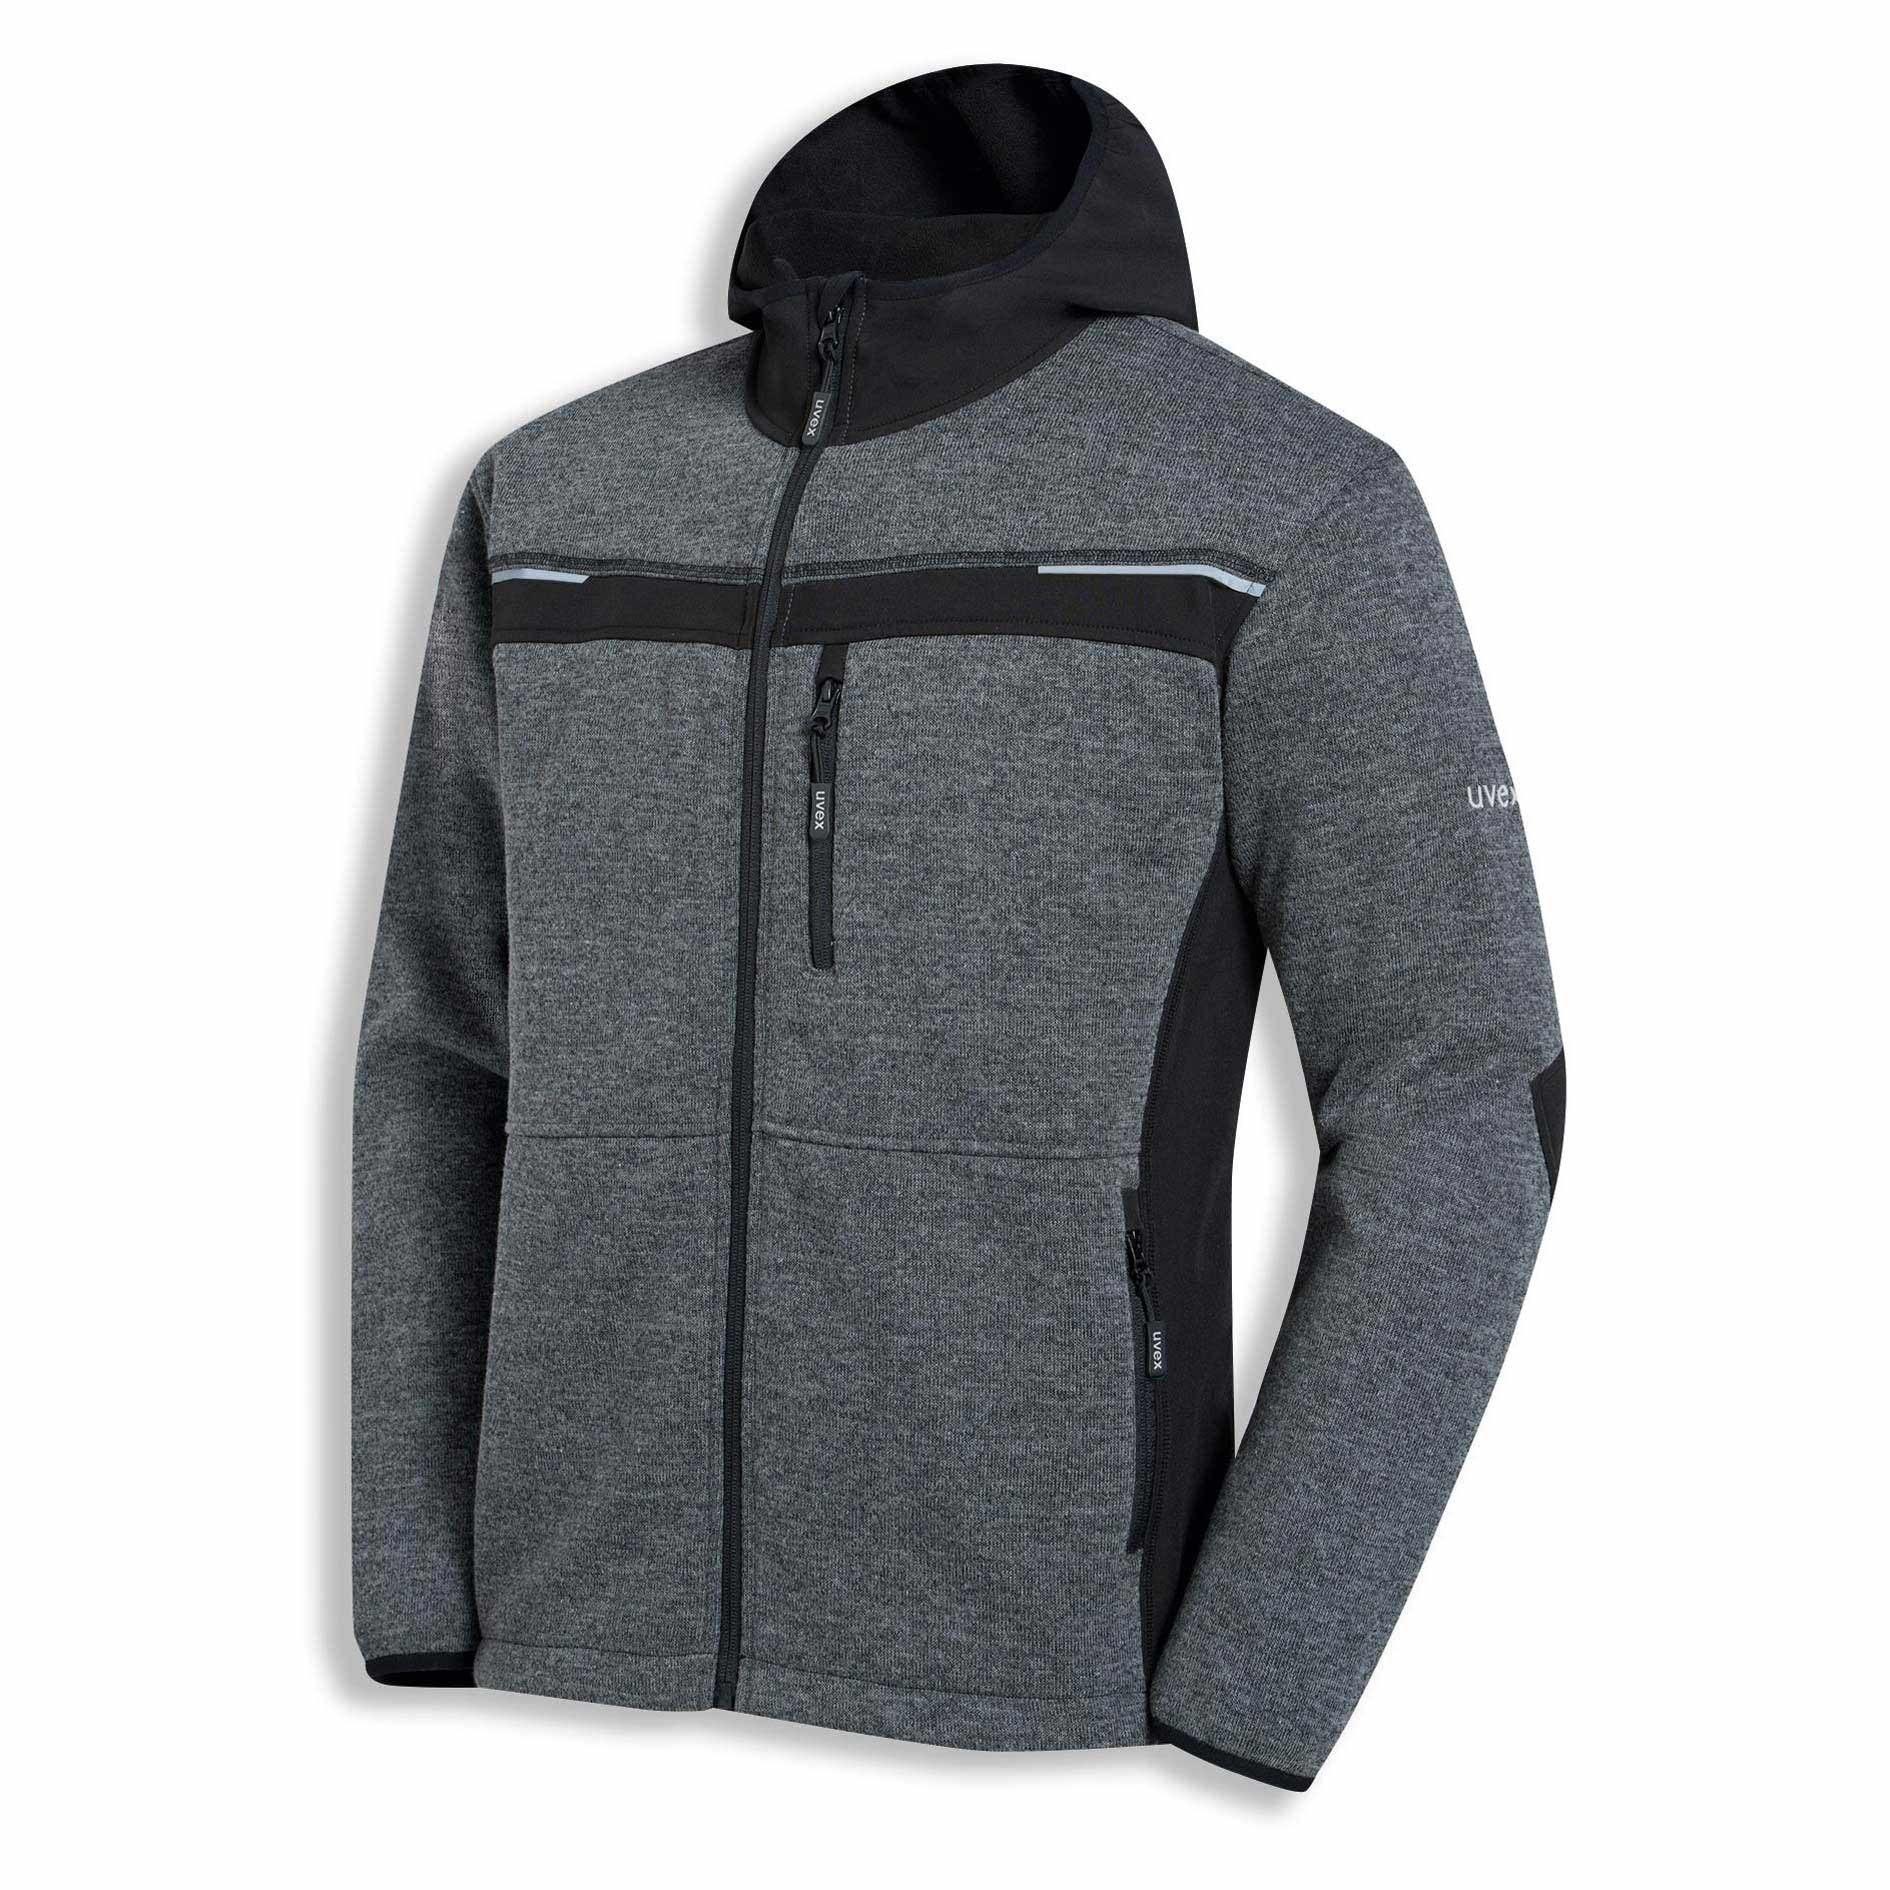 Jacke Und Softshell Uvex Workwear PerfectSchutzbekleidung strdhQxC